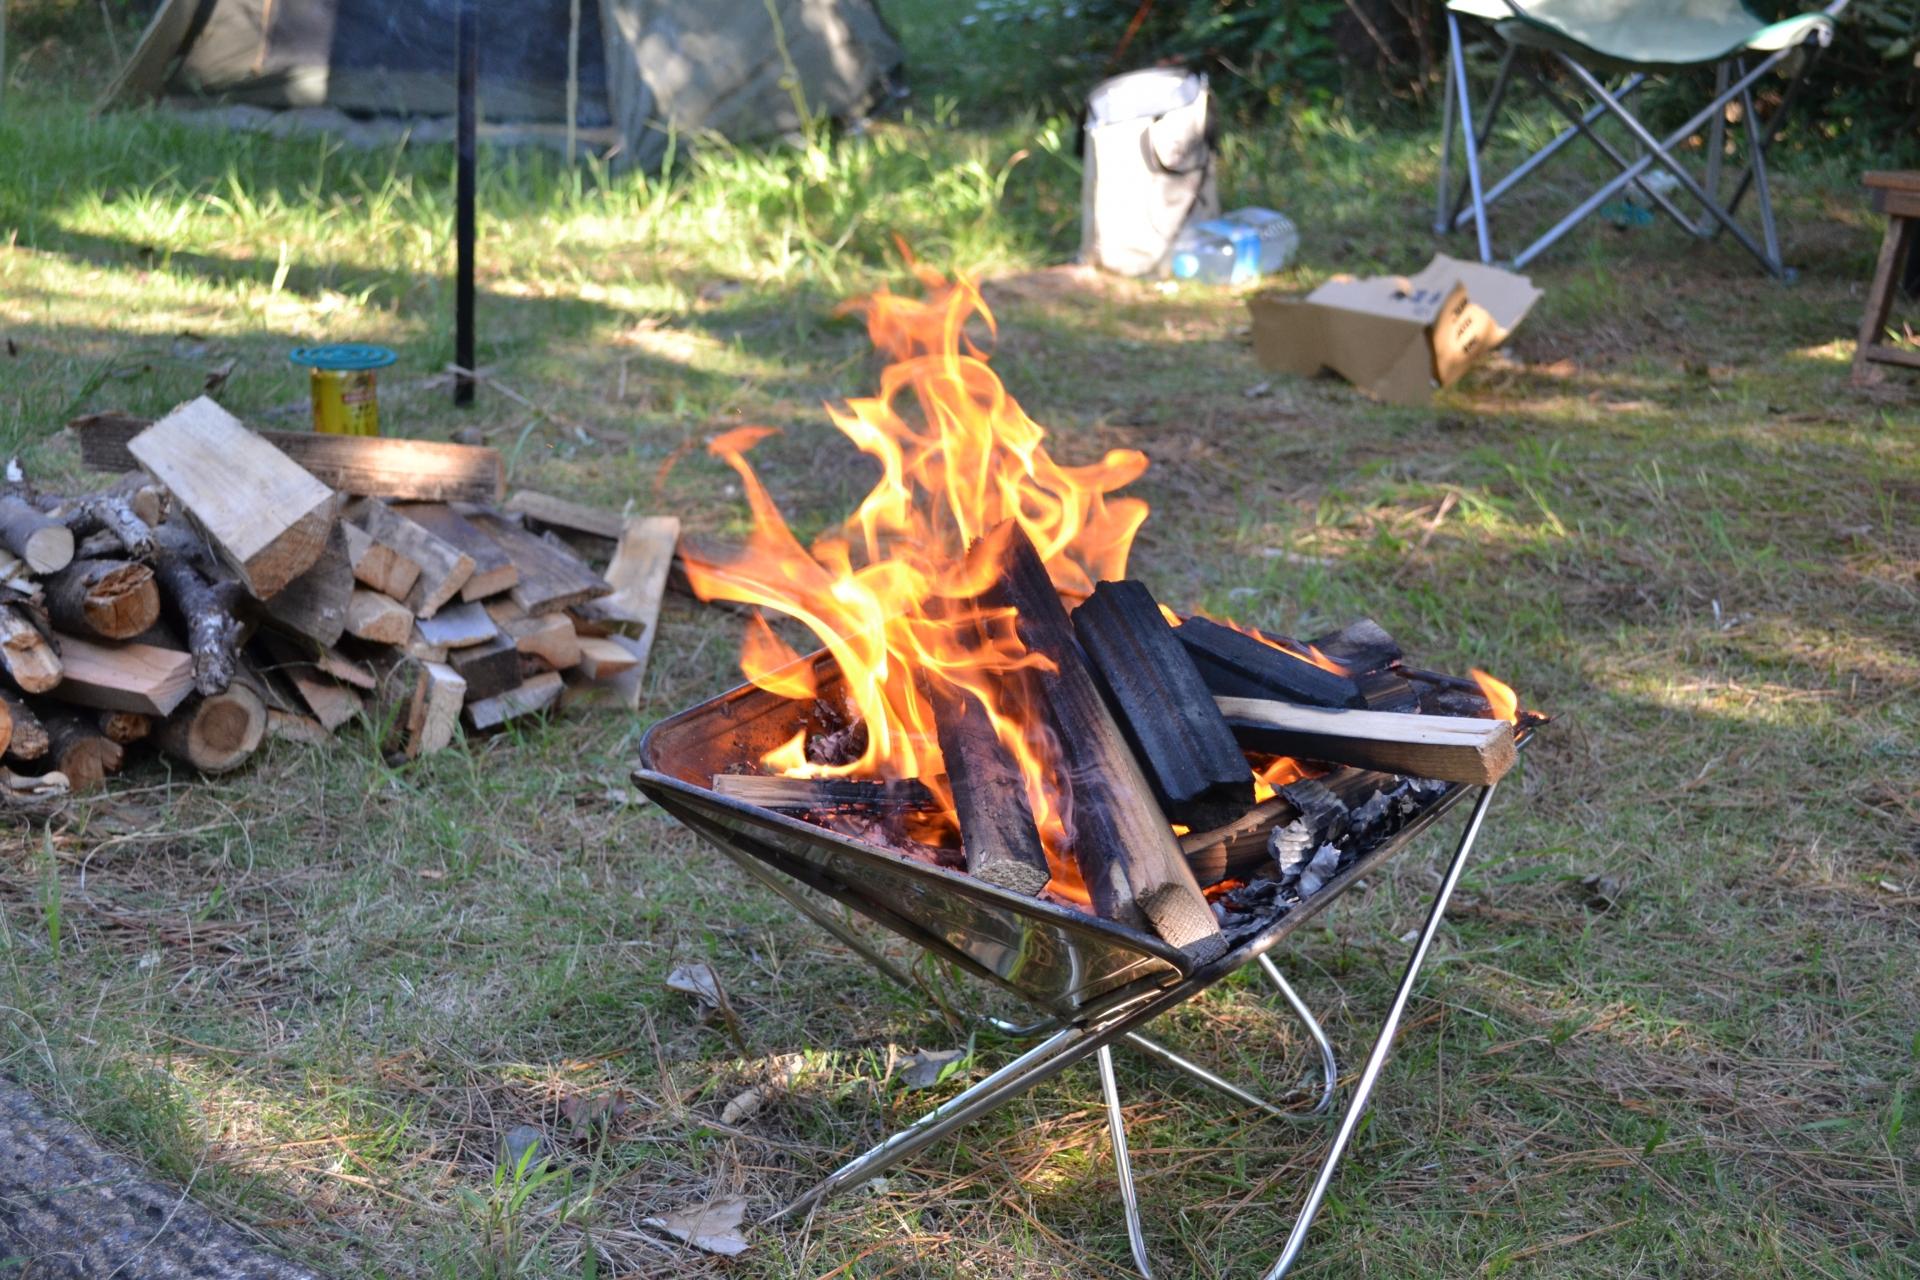 道具 ヒロシ キャンプ 「ぼっち」でも寂しくない 芸人ヒロシ流『ひとりキャンプ』術